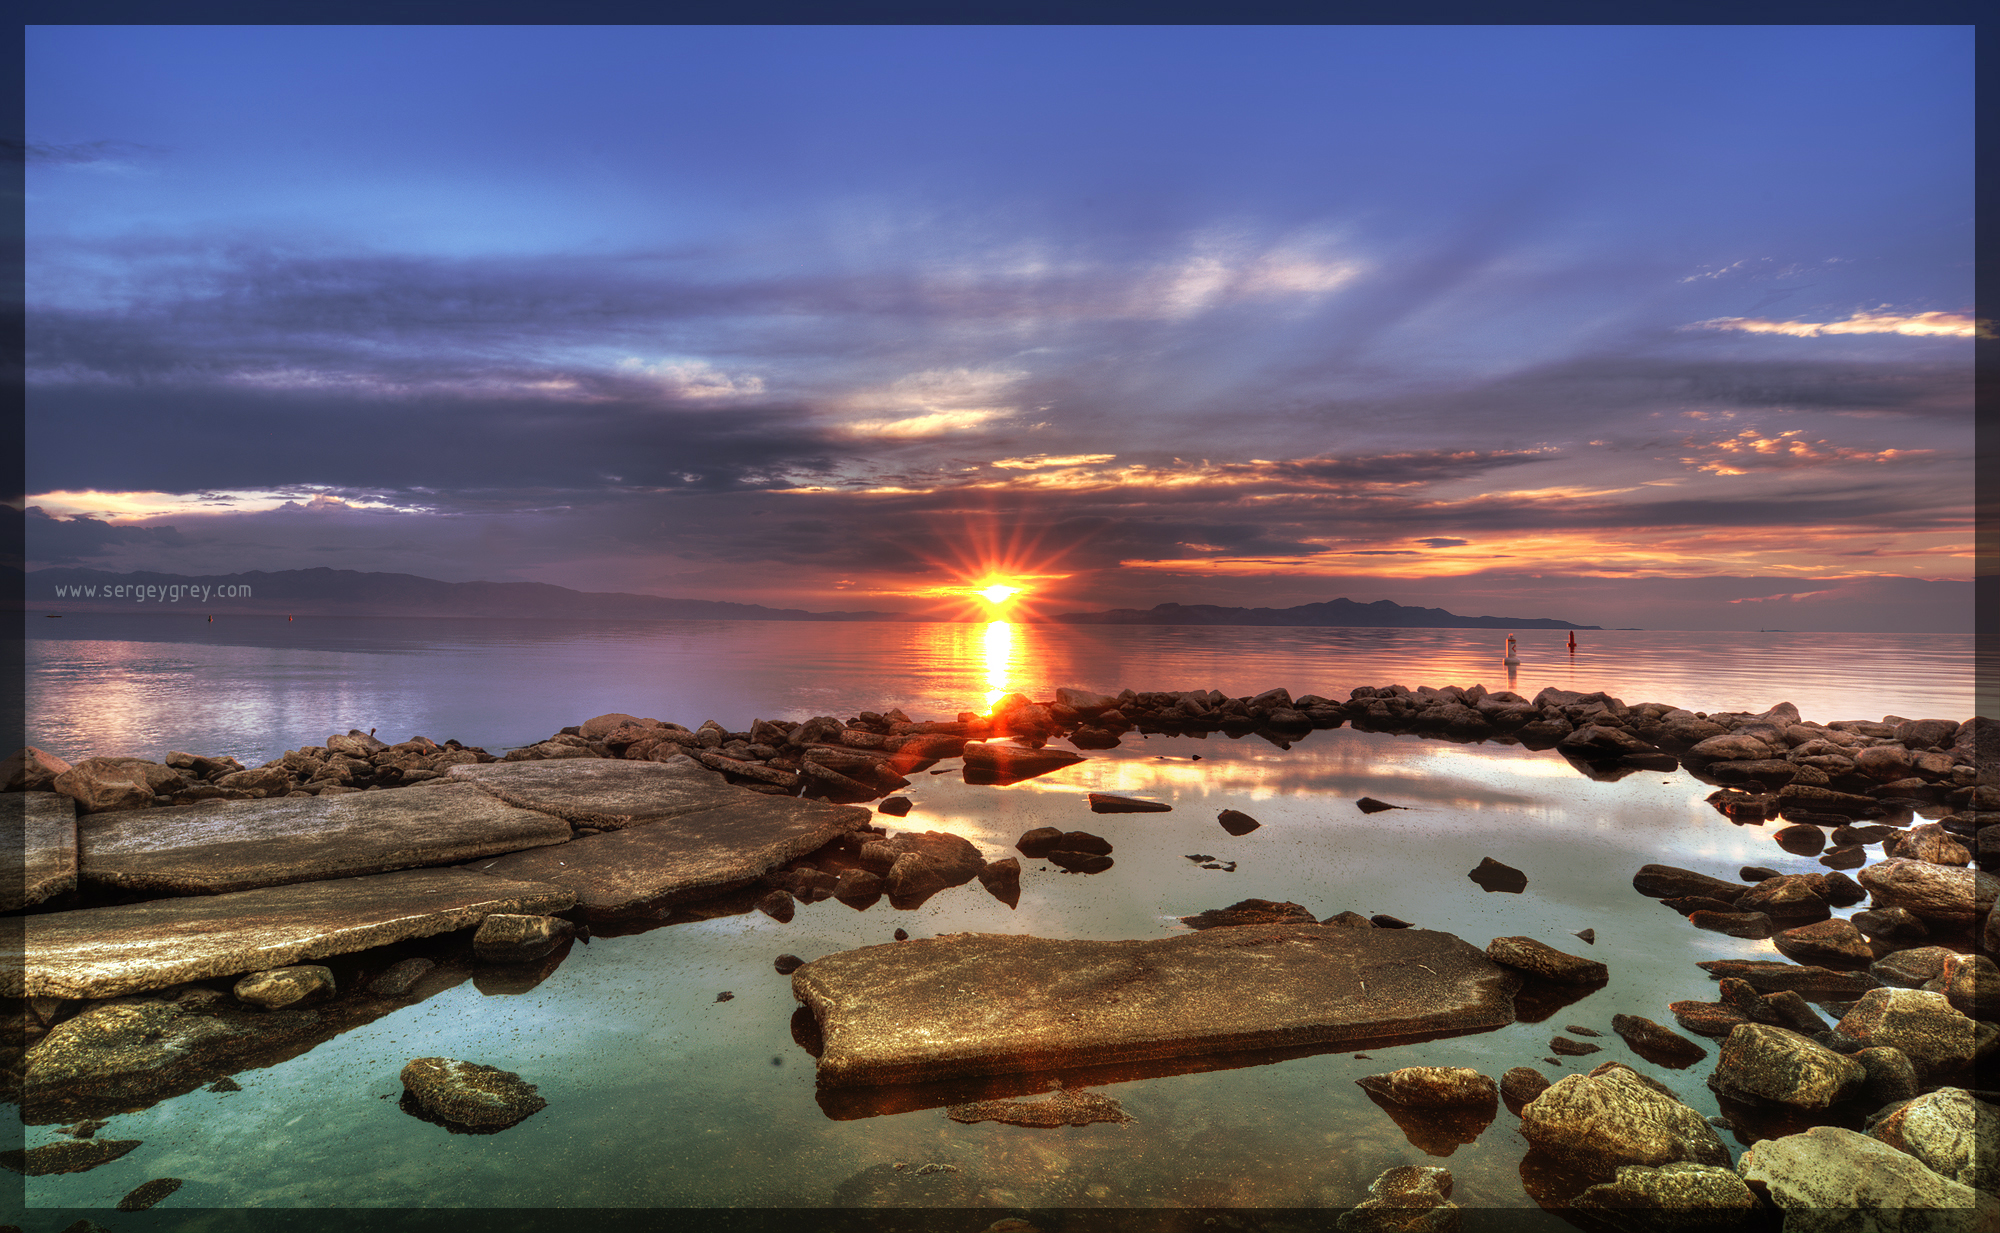 SunsetGreen3_SergeyGreyCom.jpg